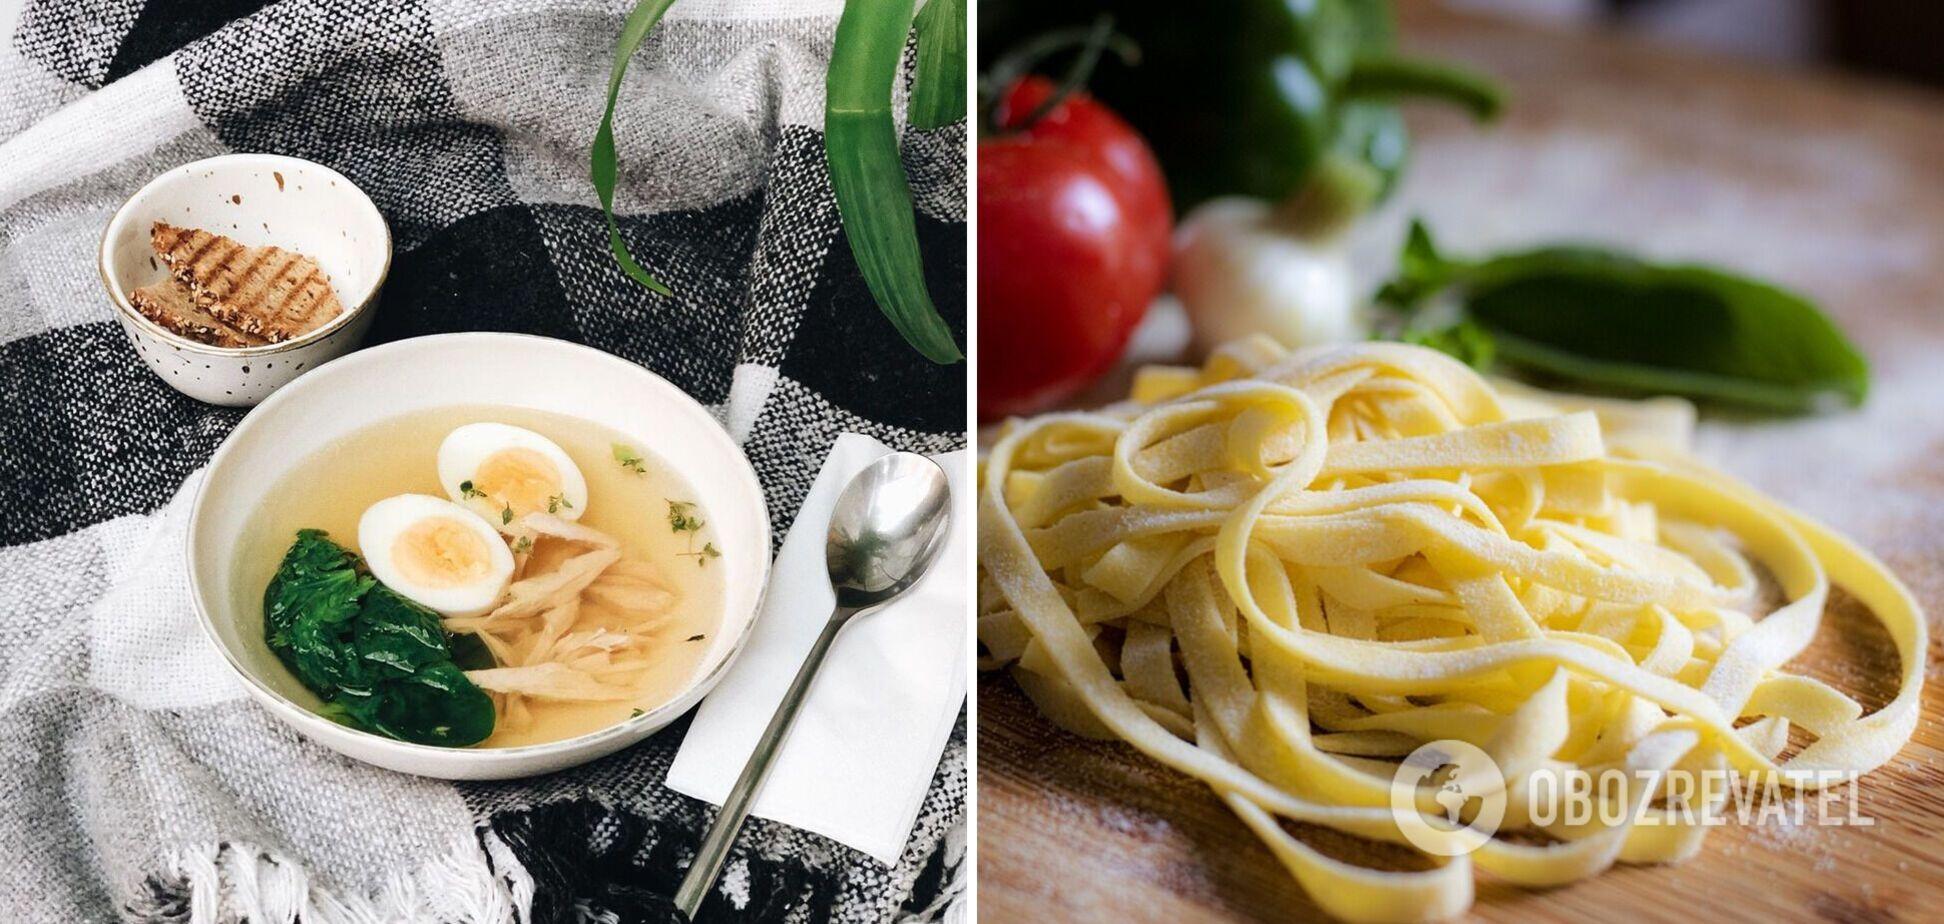 Як приготувати ідеальний рамен: рецепт та поради від шеф-кухаря